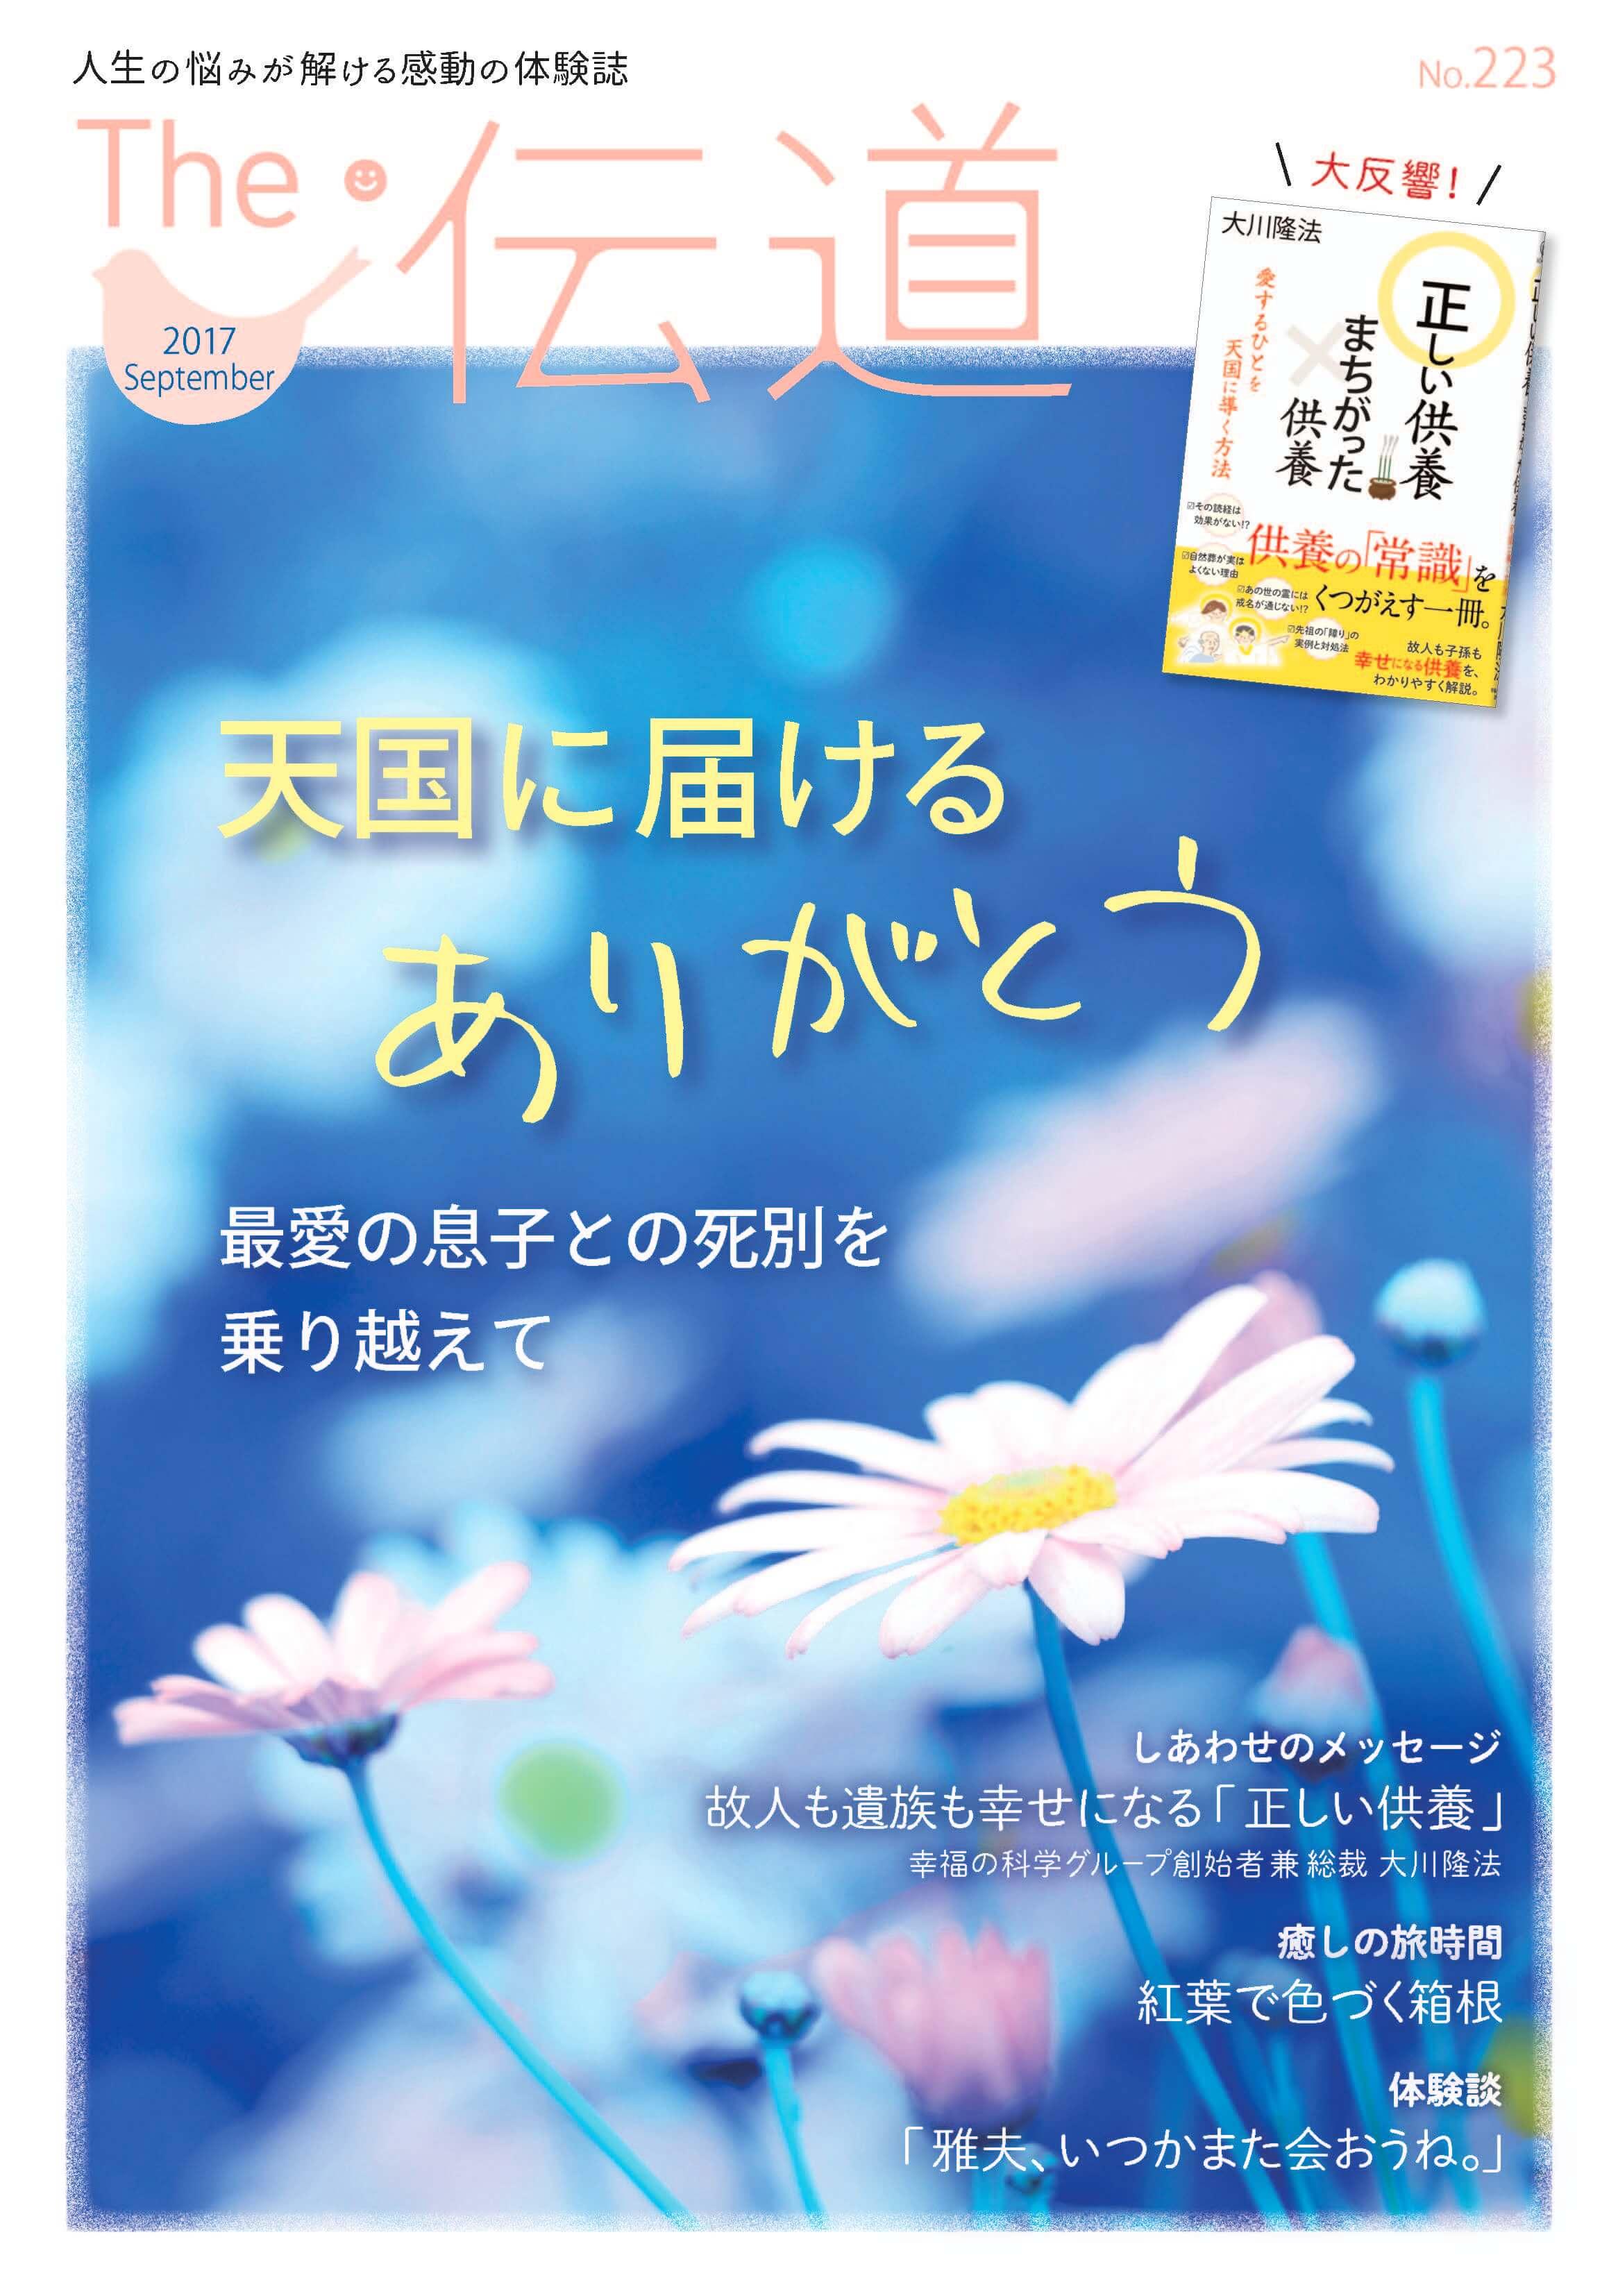 ザ伝2017年8月(223号)